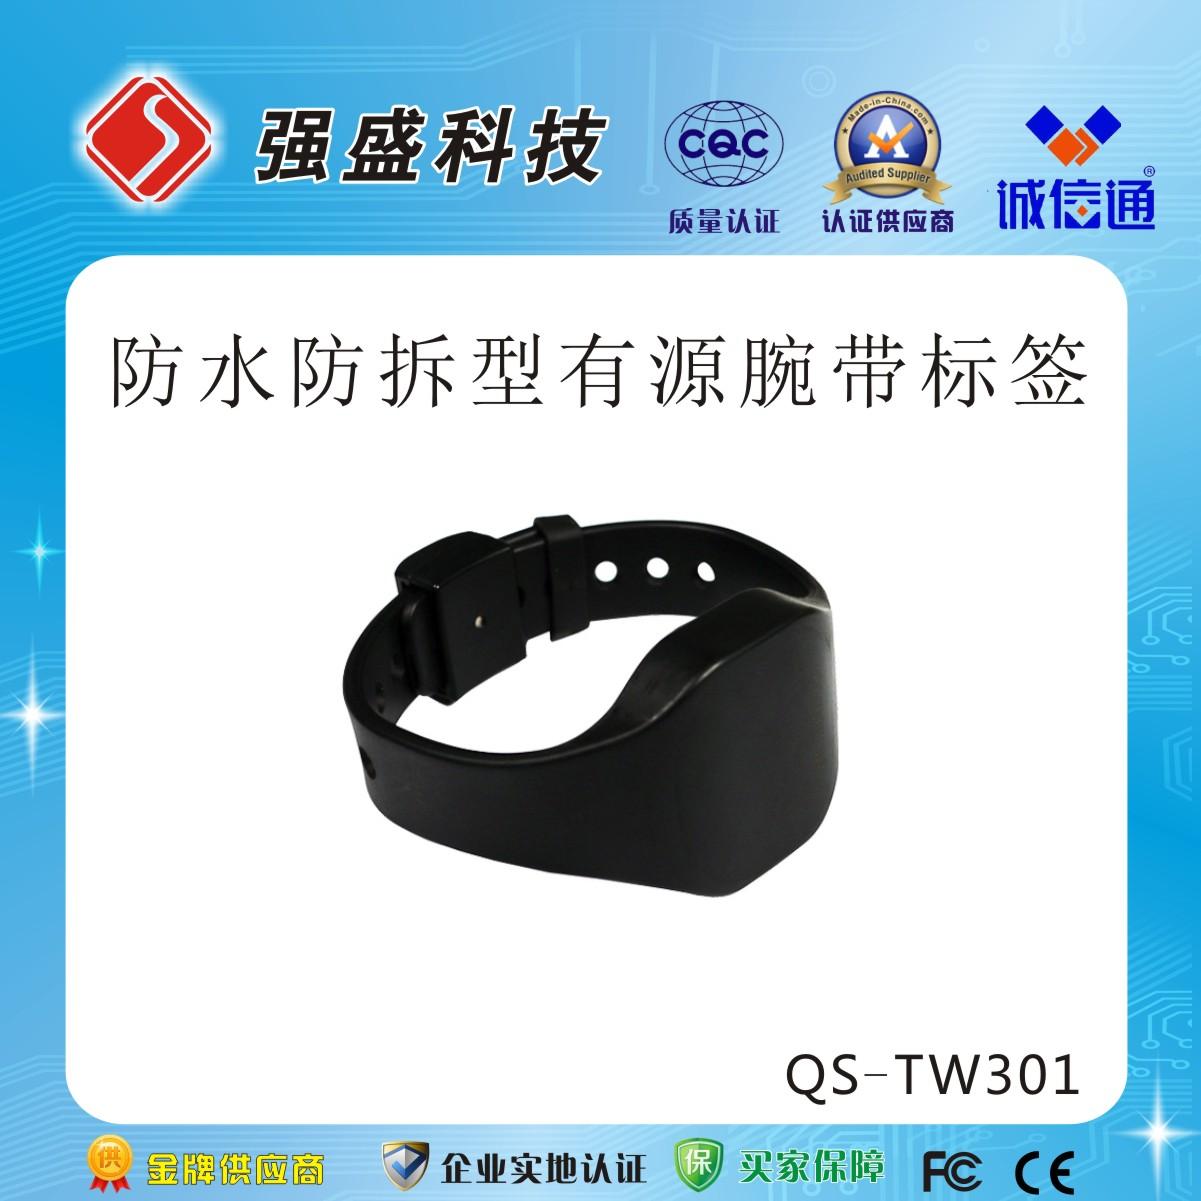 供應廣州強盛超高頻有源防拆定位手環標簽